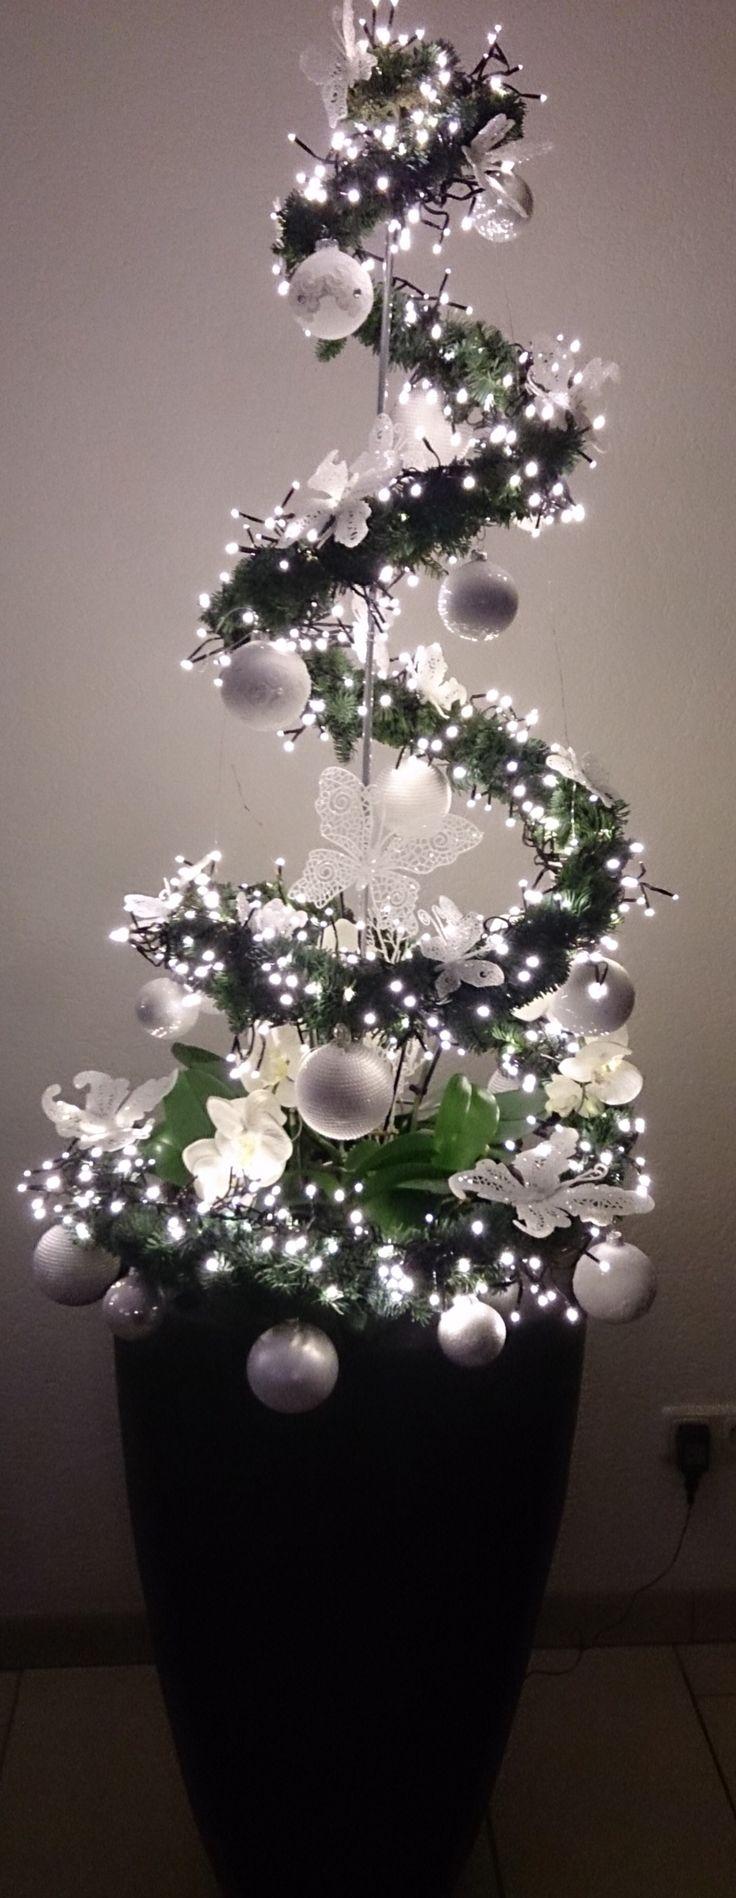 Sprankelende kerstspiraal 2014